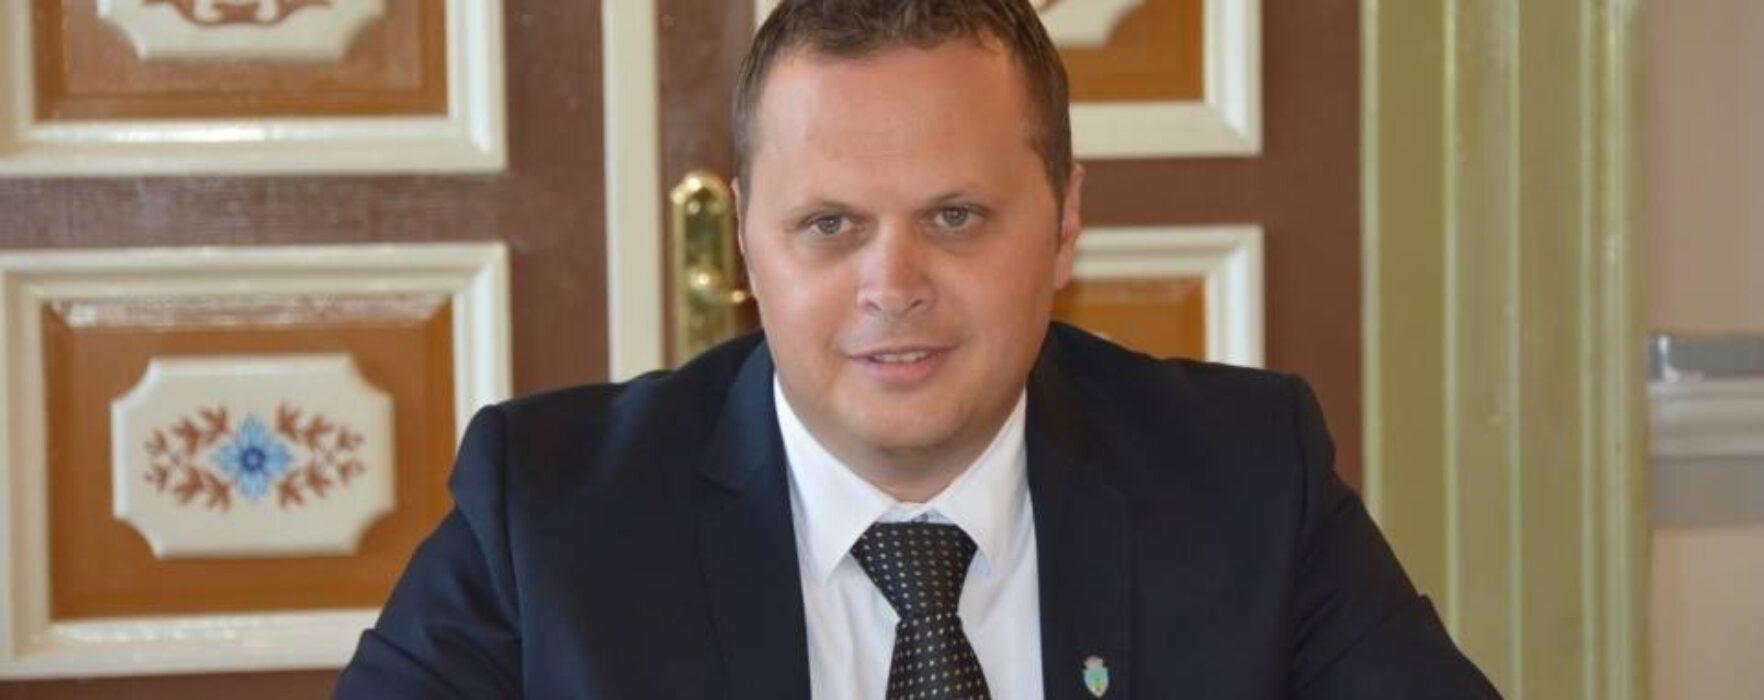 Gabriel Cioacă a demisionat din funcţia de administrator public al Târgoviştei